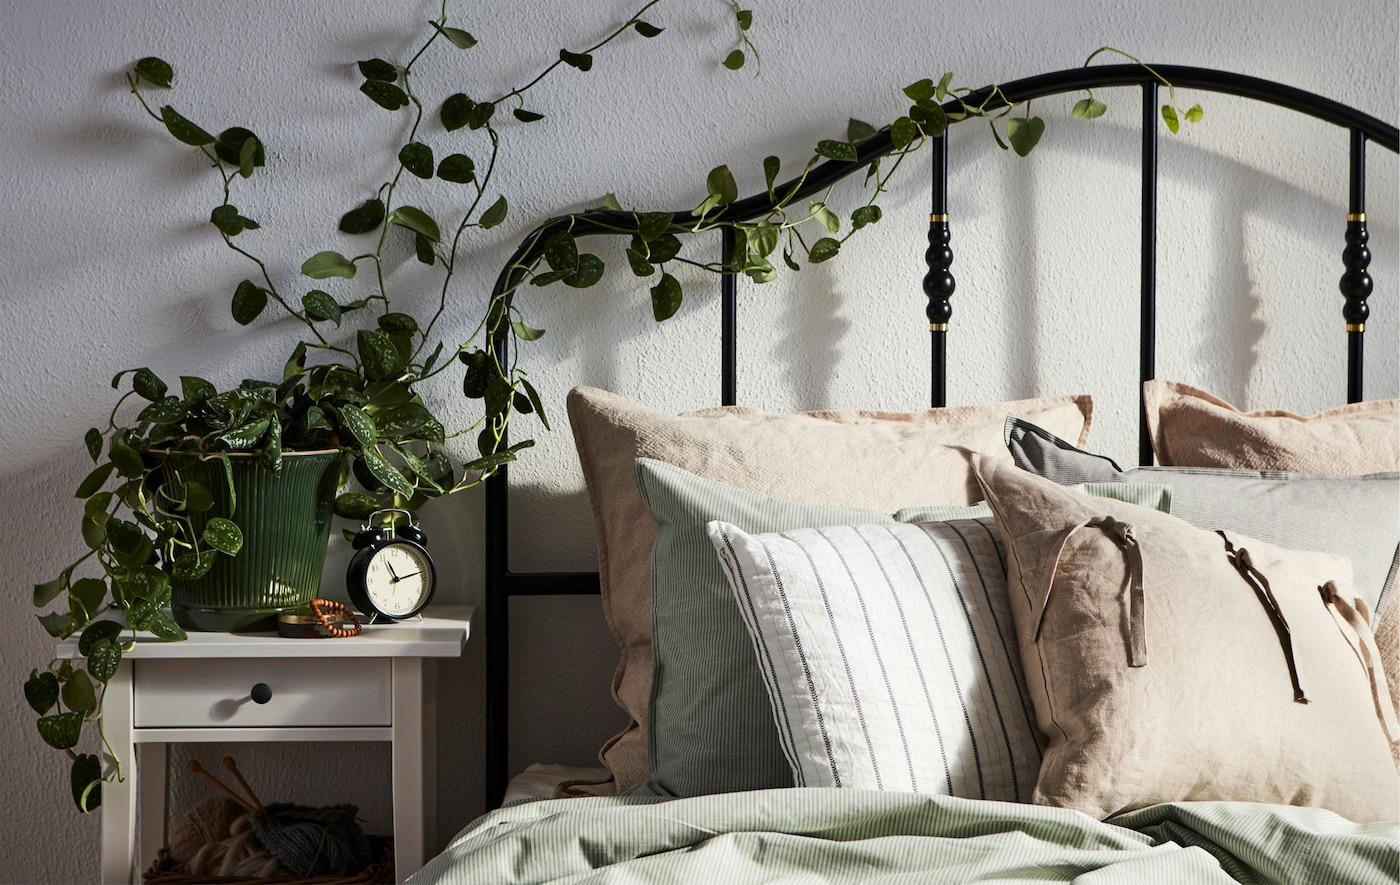 Ein Bett mit einem schwarzen Metallkopfteil im Sonnenlicht. An den Rohren des Kopfteils rankt sich Efeu, der aus einem Topf neben dem Bett wächst.